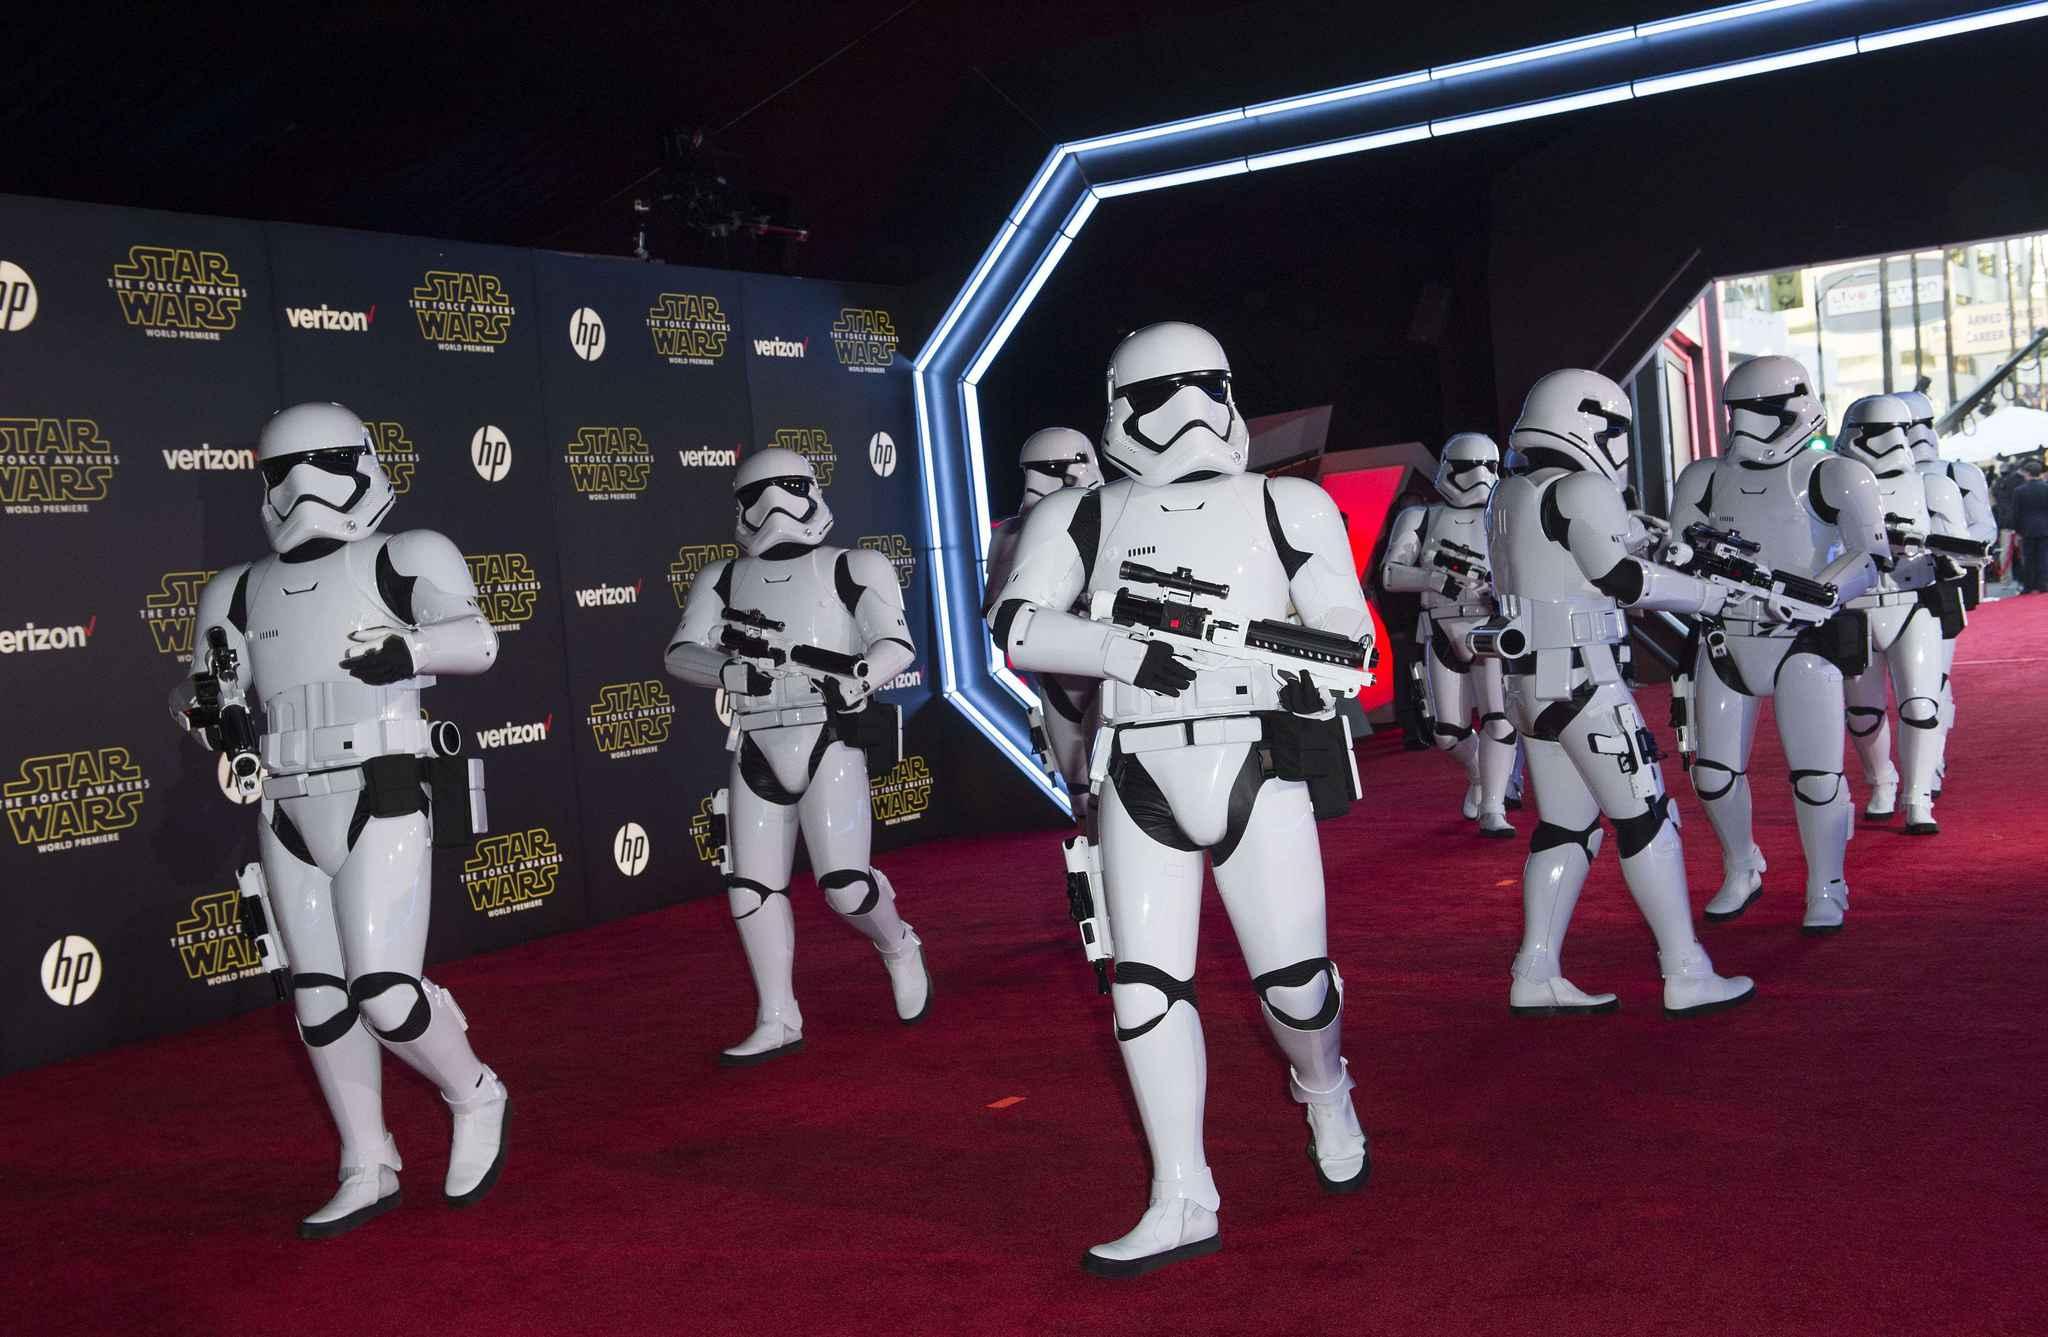 Demain, des milices Star Wars dans nos salles de cinéma ?